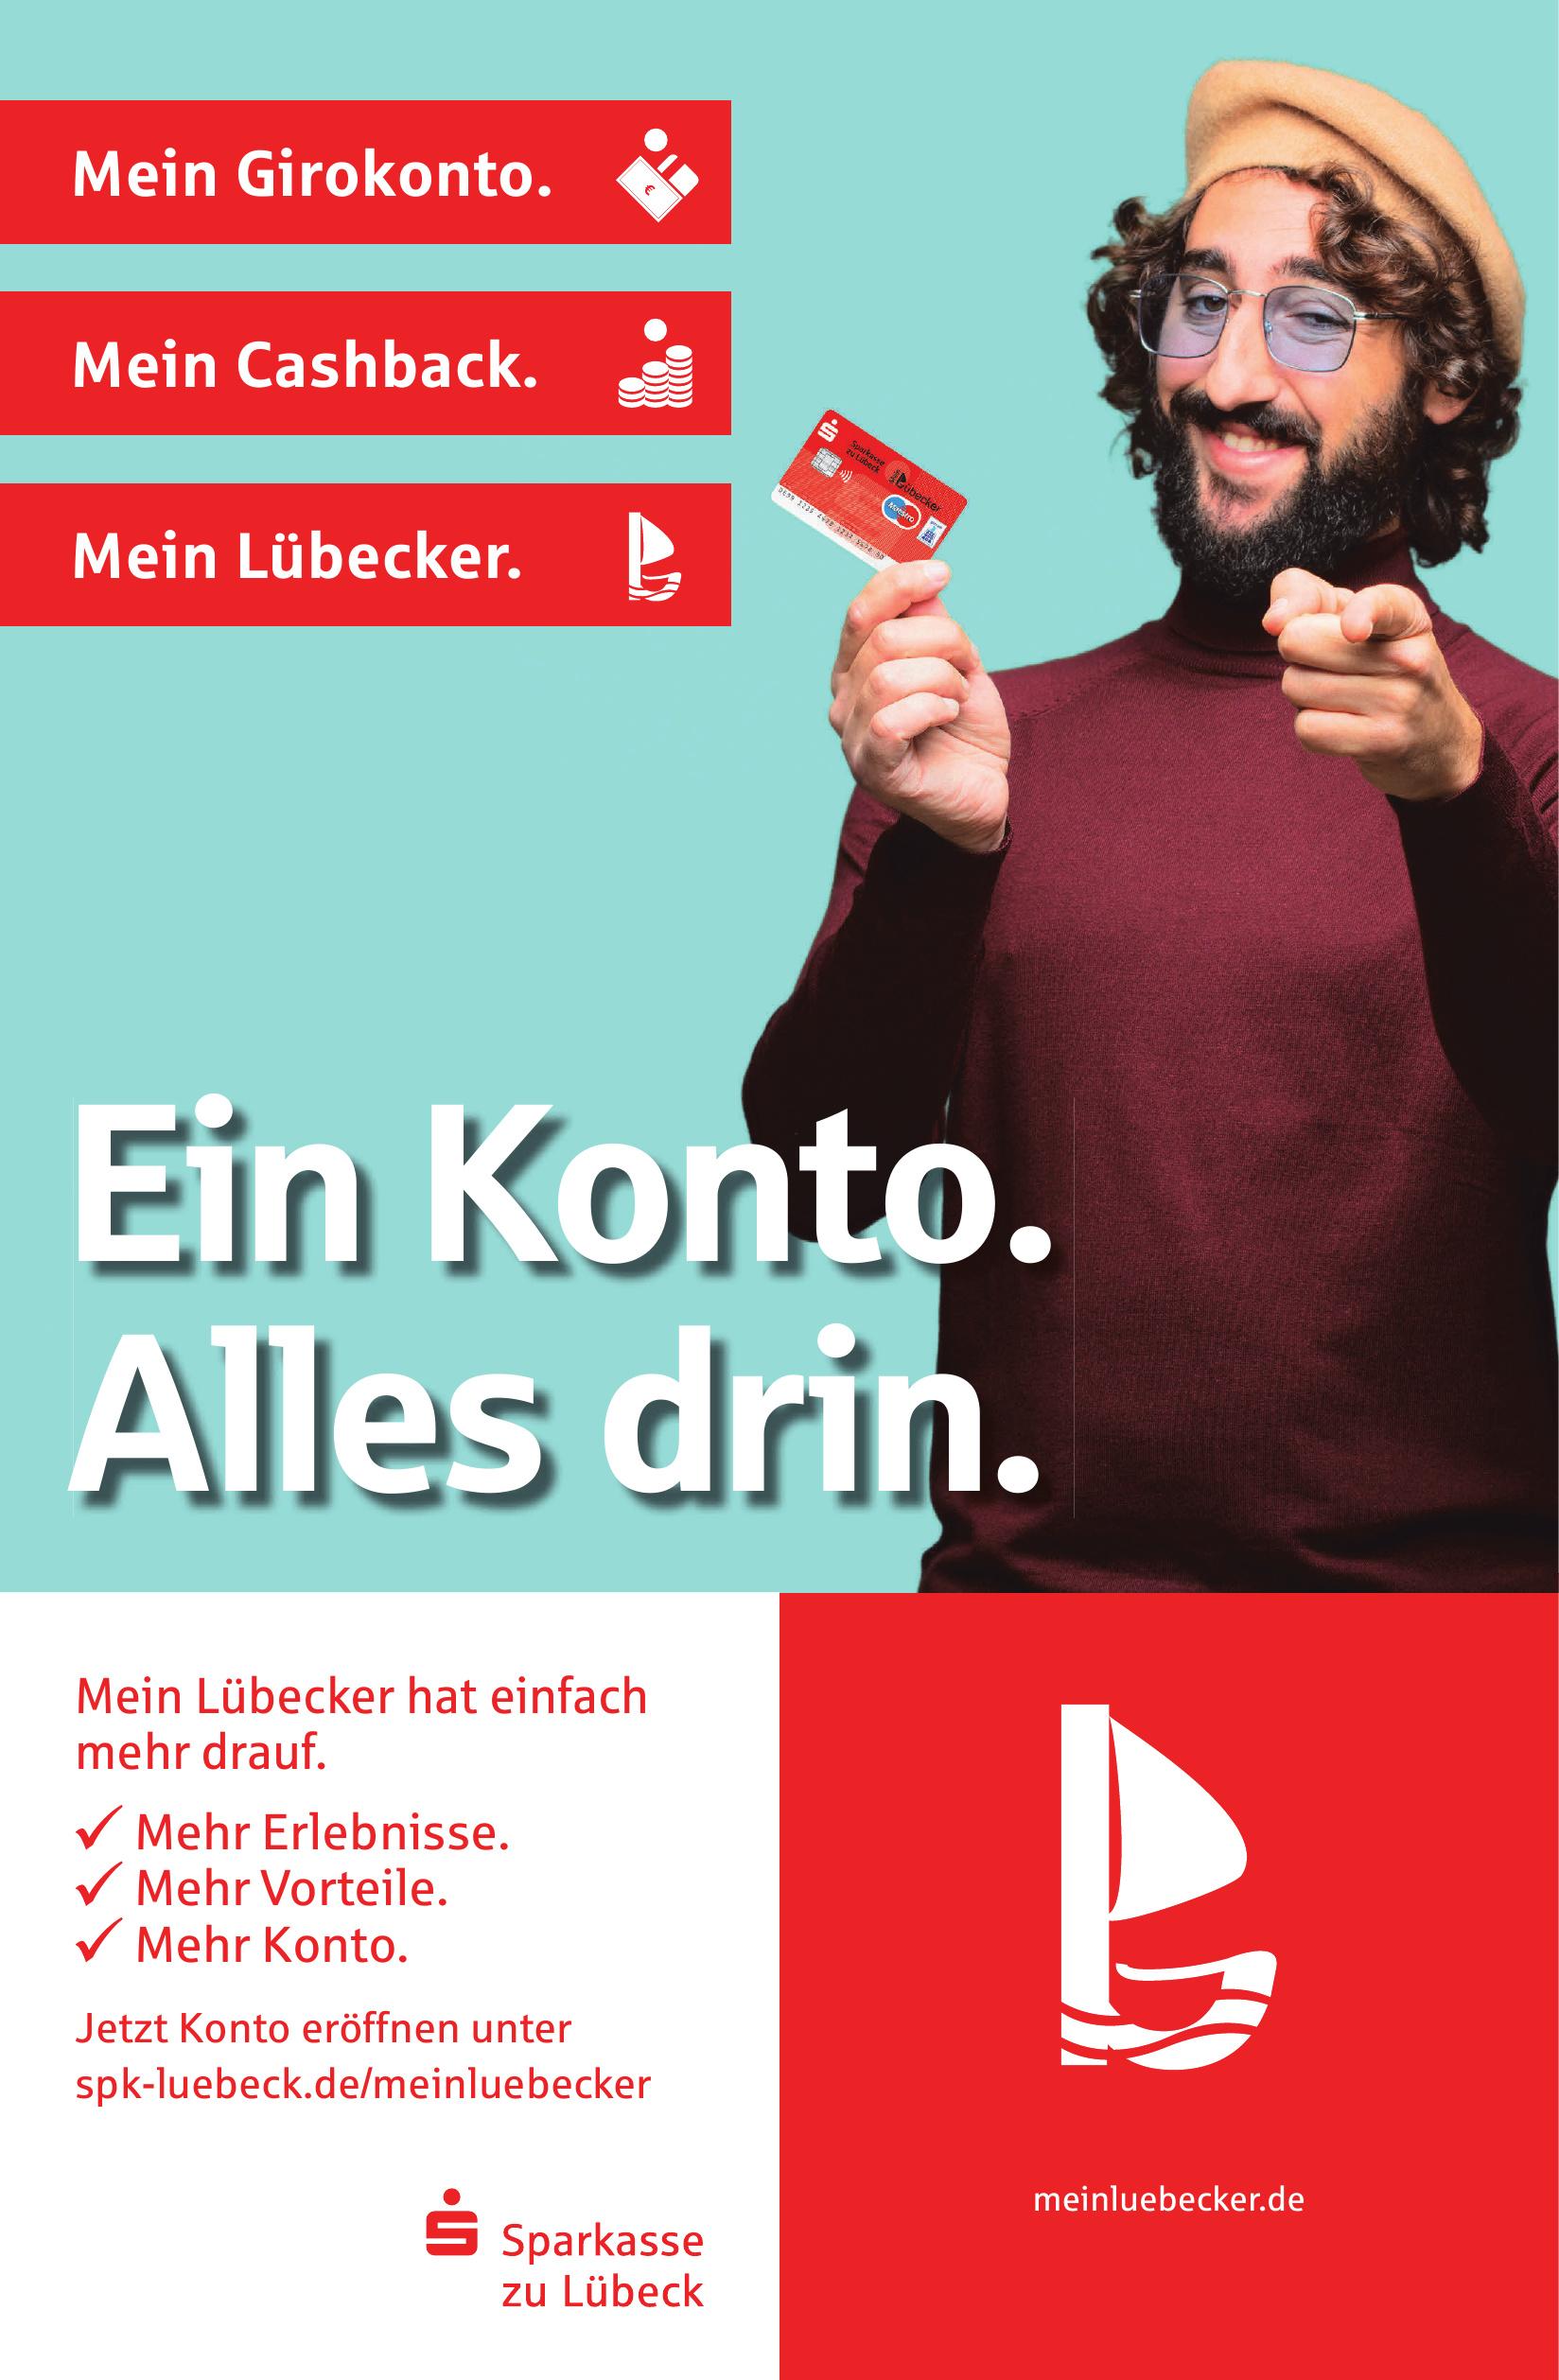 Sparkasse zu Lübeck